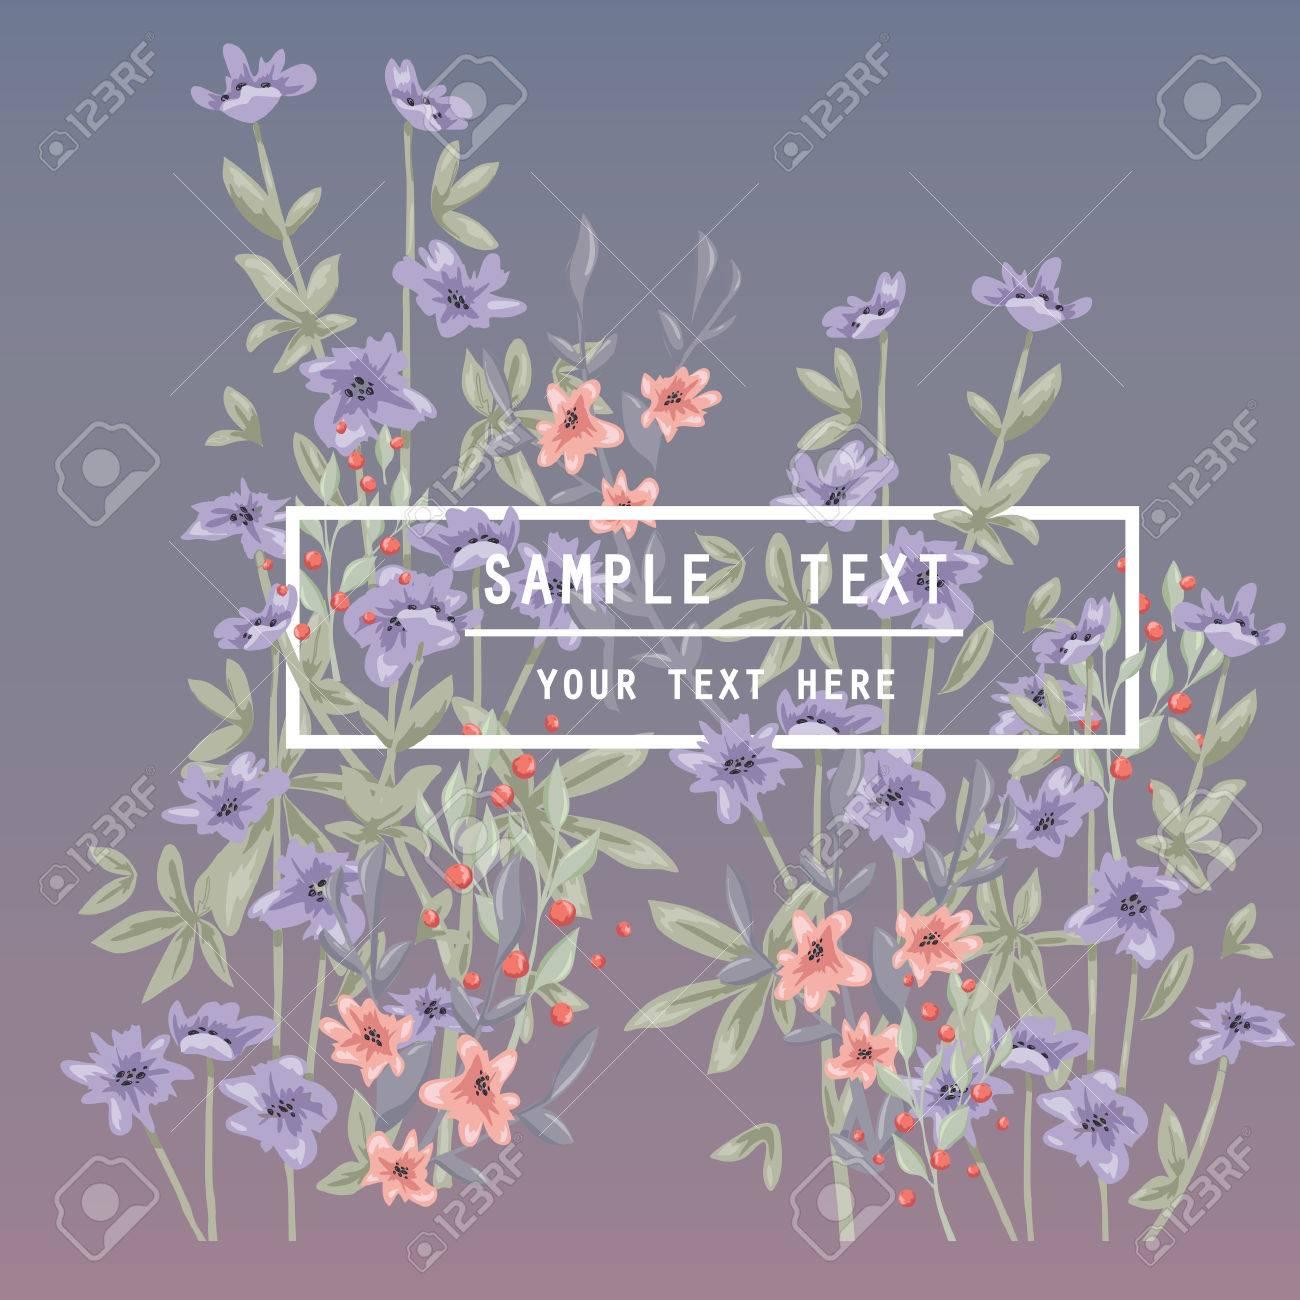 Arte De La Pared De Primavera Para Imprimir Con Estampado De Flores Y La Tipografía Modelo Del Vector Con Las Flores Para La Invitación Carteles